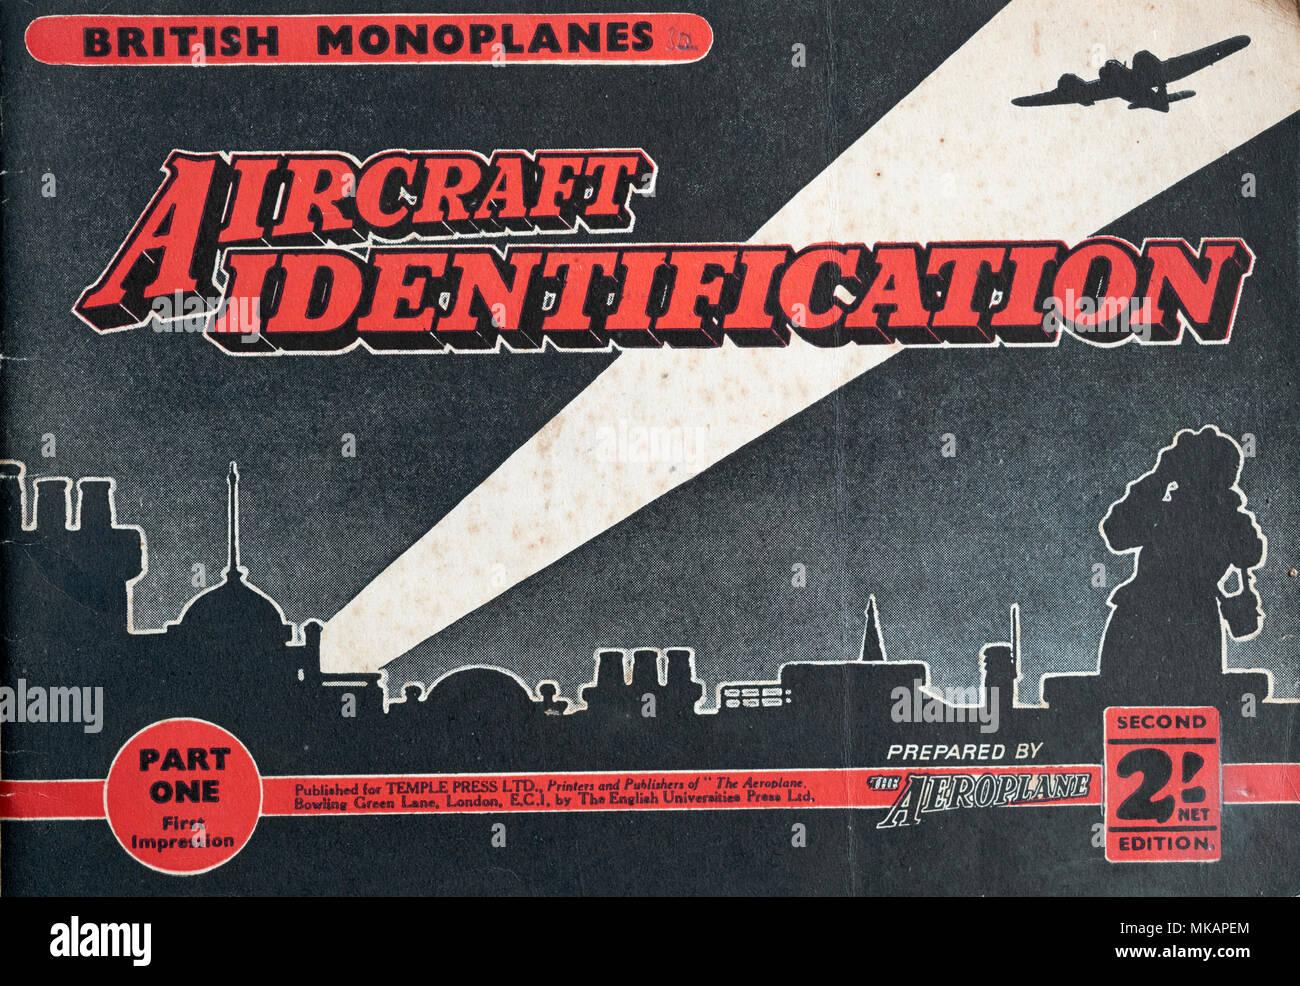 MONOPLANES británica, la identificación de la aeronave, la segunda guerra mundial, la segunda guerra mundial, aviones Foto de stock